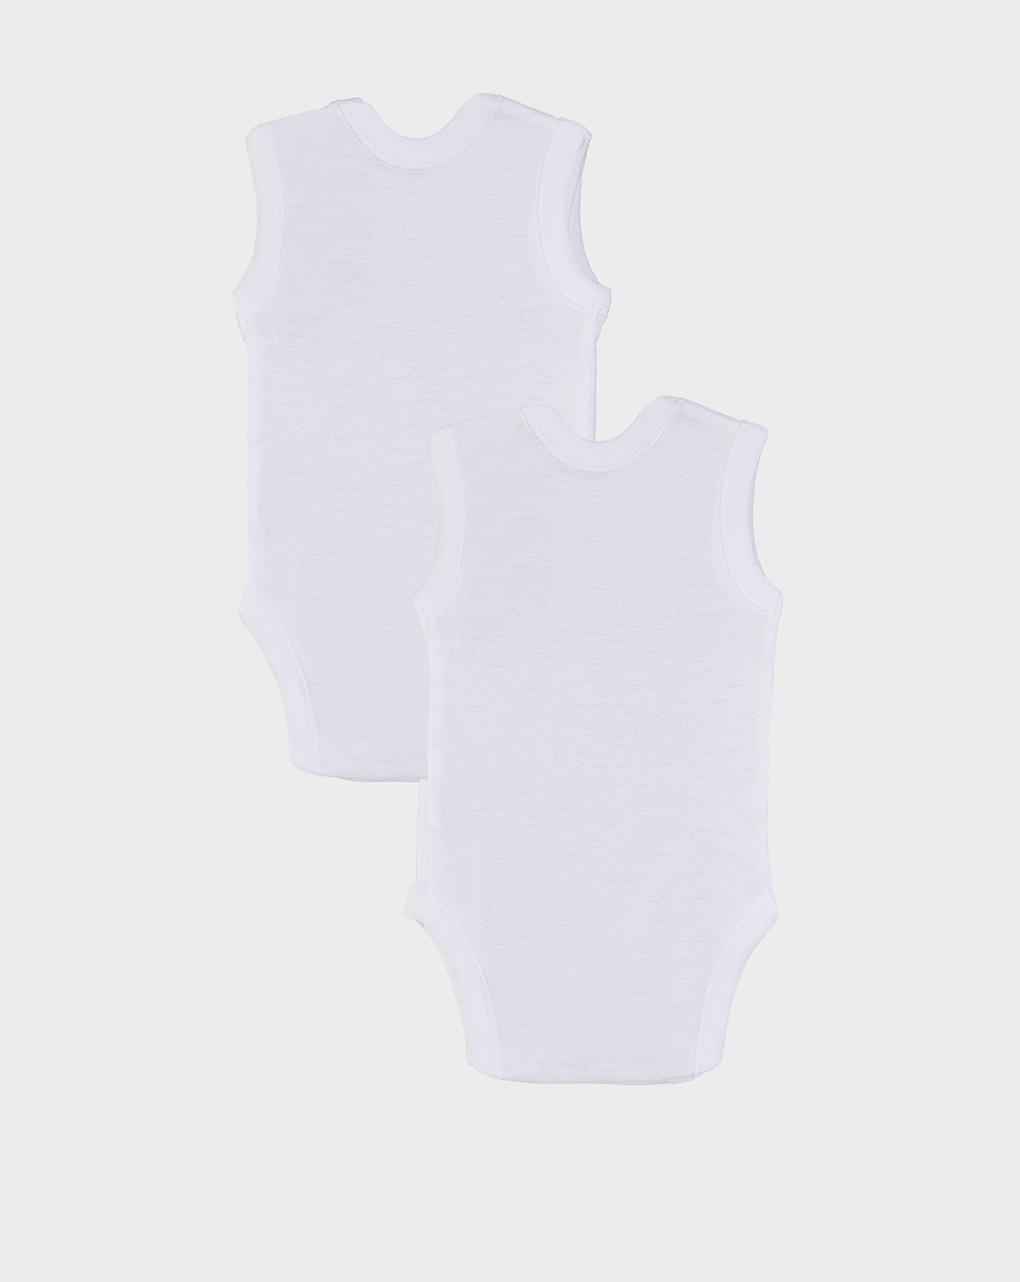 Κορμάκια Αμάνικα πακέτο x5 Λευκό